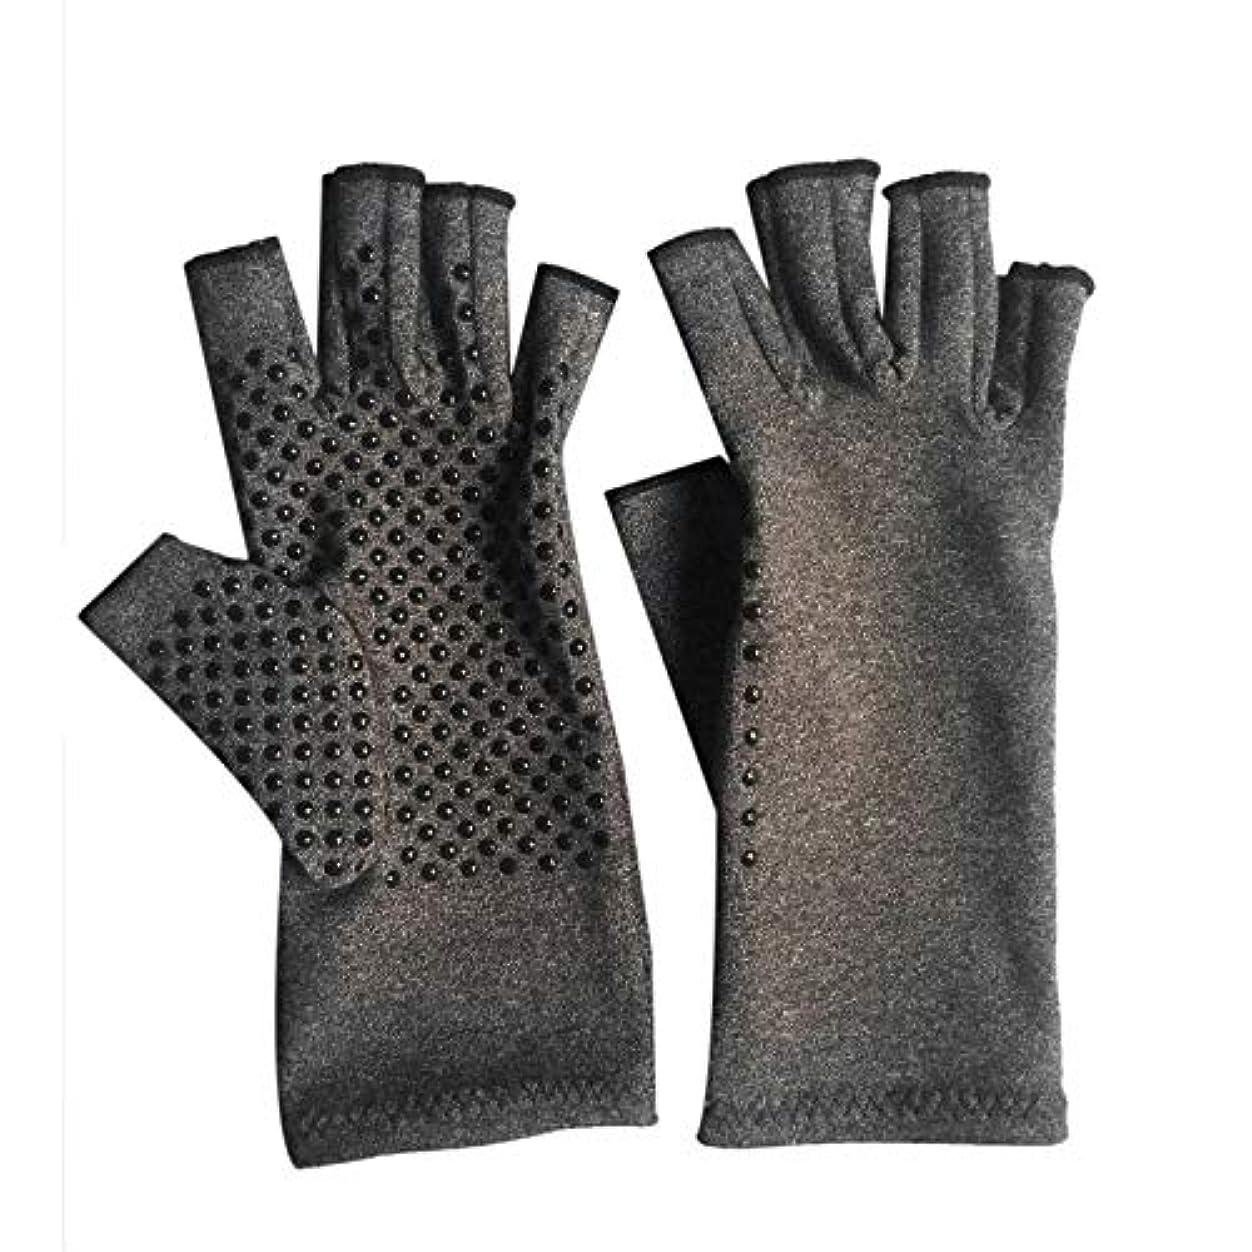 平均等策定する1ペアユニセックス男性女性療法圧縮手袋関節炎関節痛緩和ヘルスケア半指手袋トレーニング手袋 - グレーM